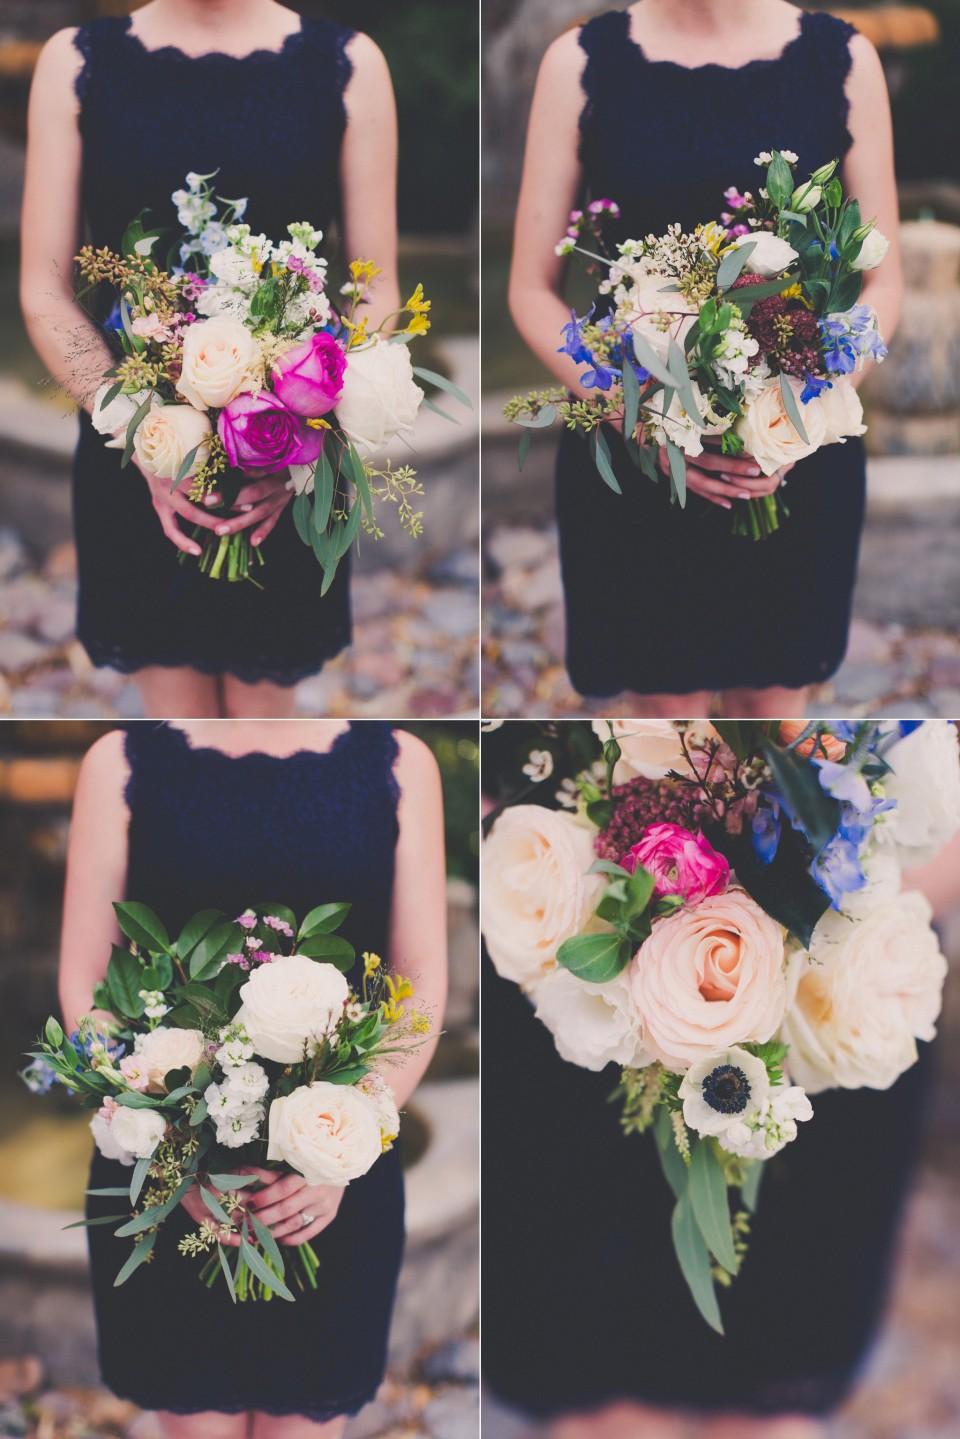 JamiZach-DifferentPointofView-Wedding-093